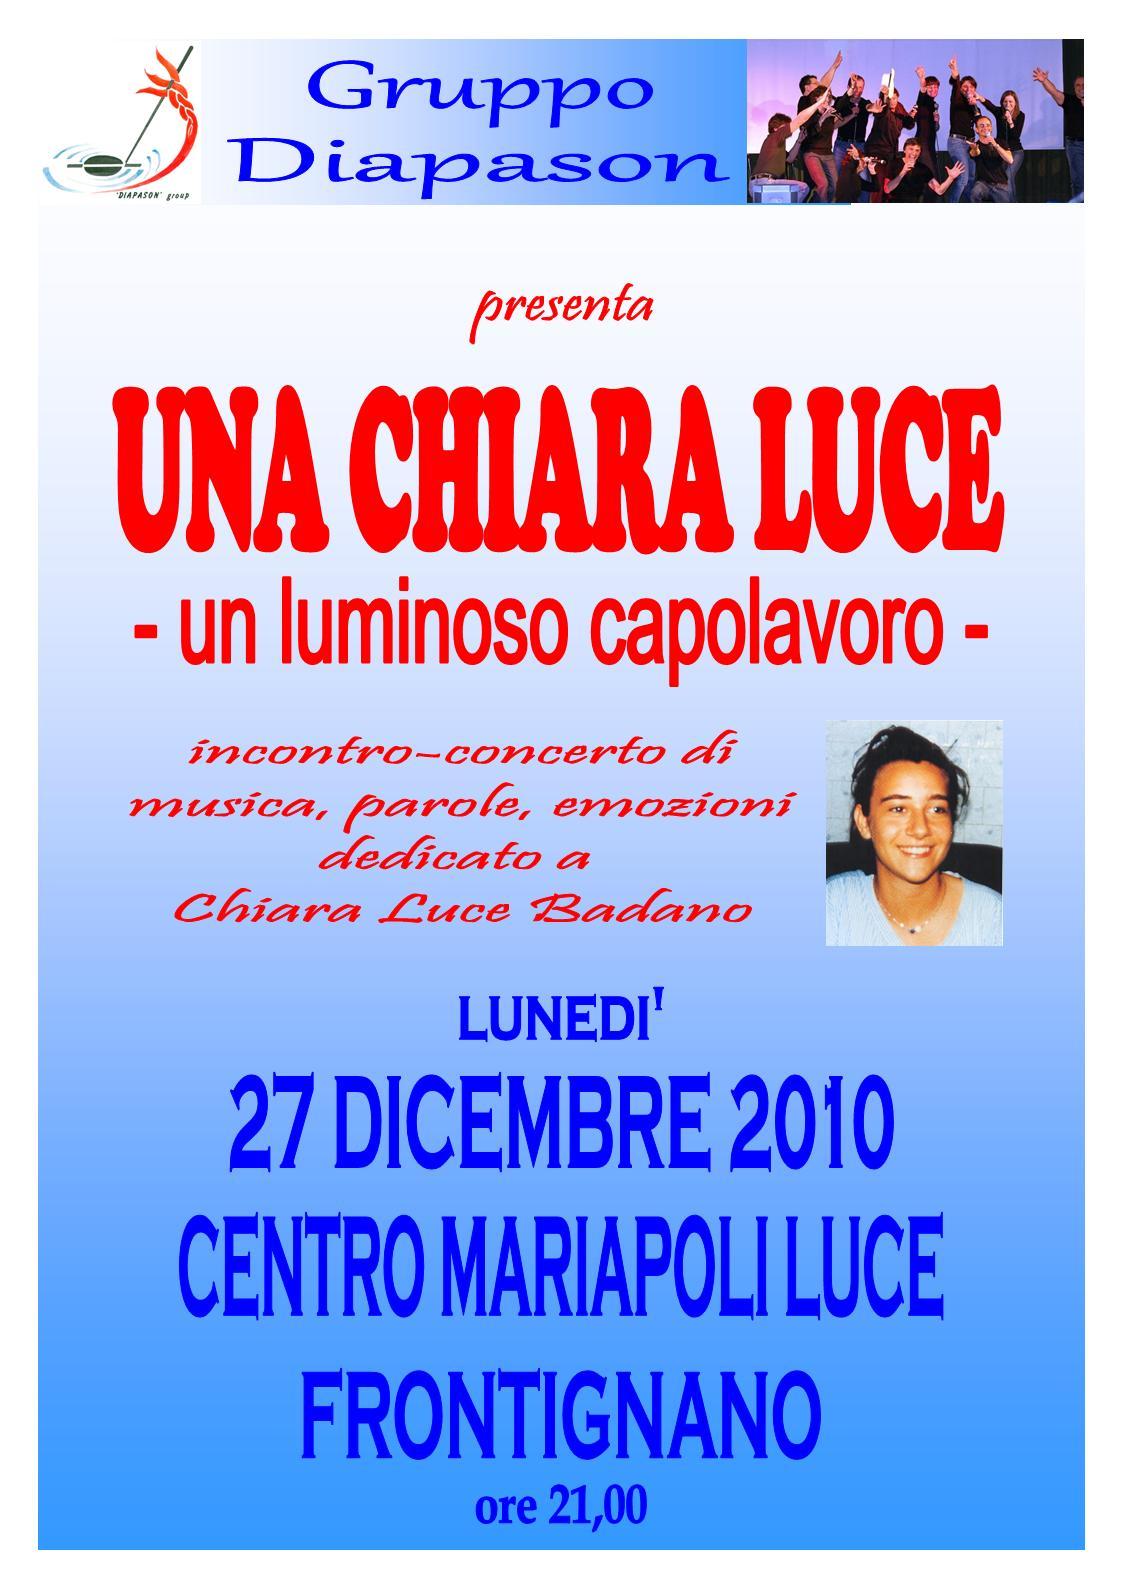 Una Chiara Luce - Frontignano